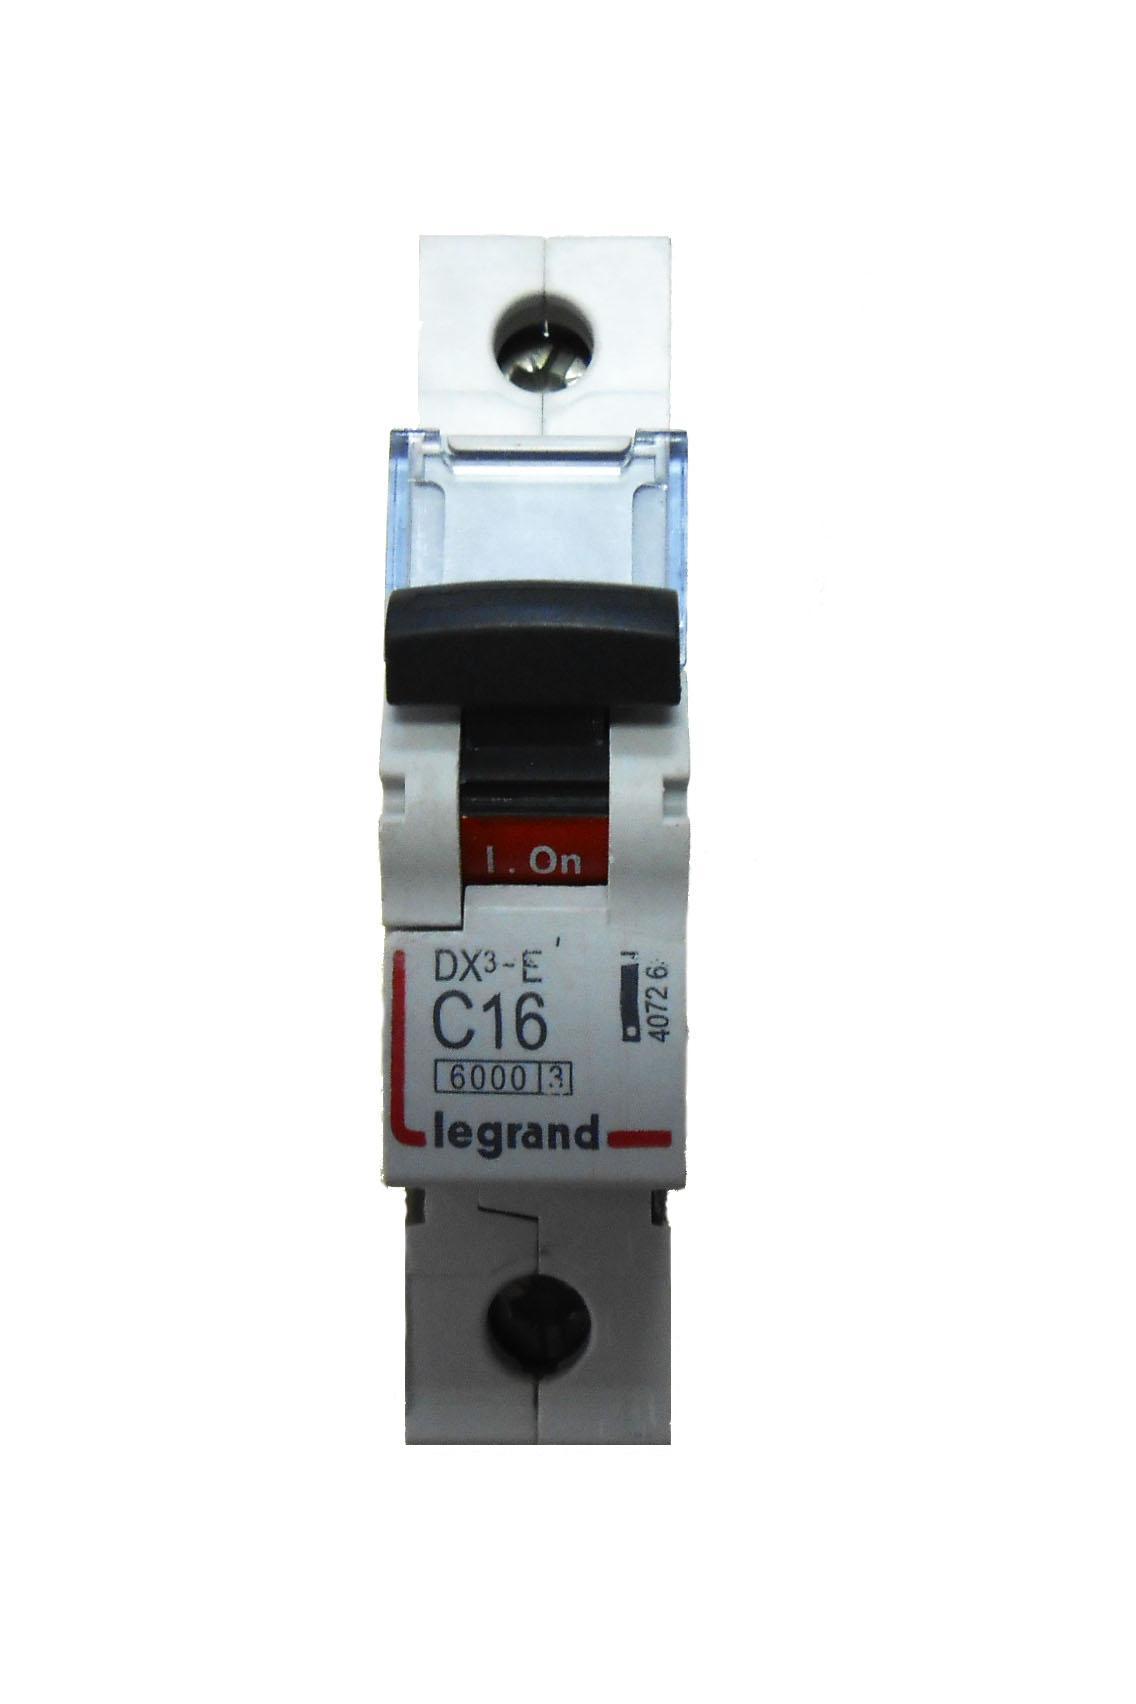 Автомат Legrand Dx3-eleg 407263 выключатель дифференциального тока legrand dx3 1п н c16а 30ma ac 411002